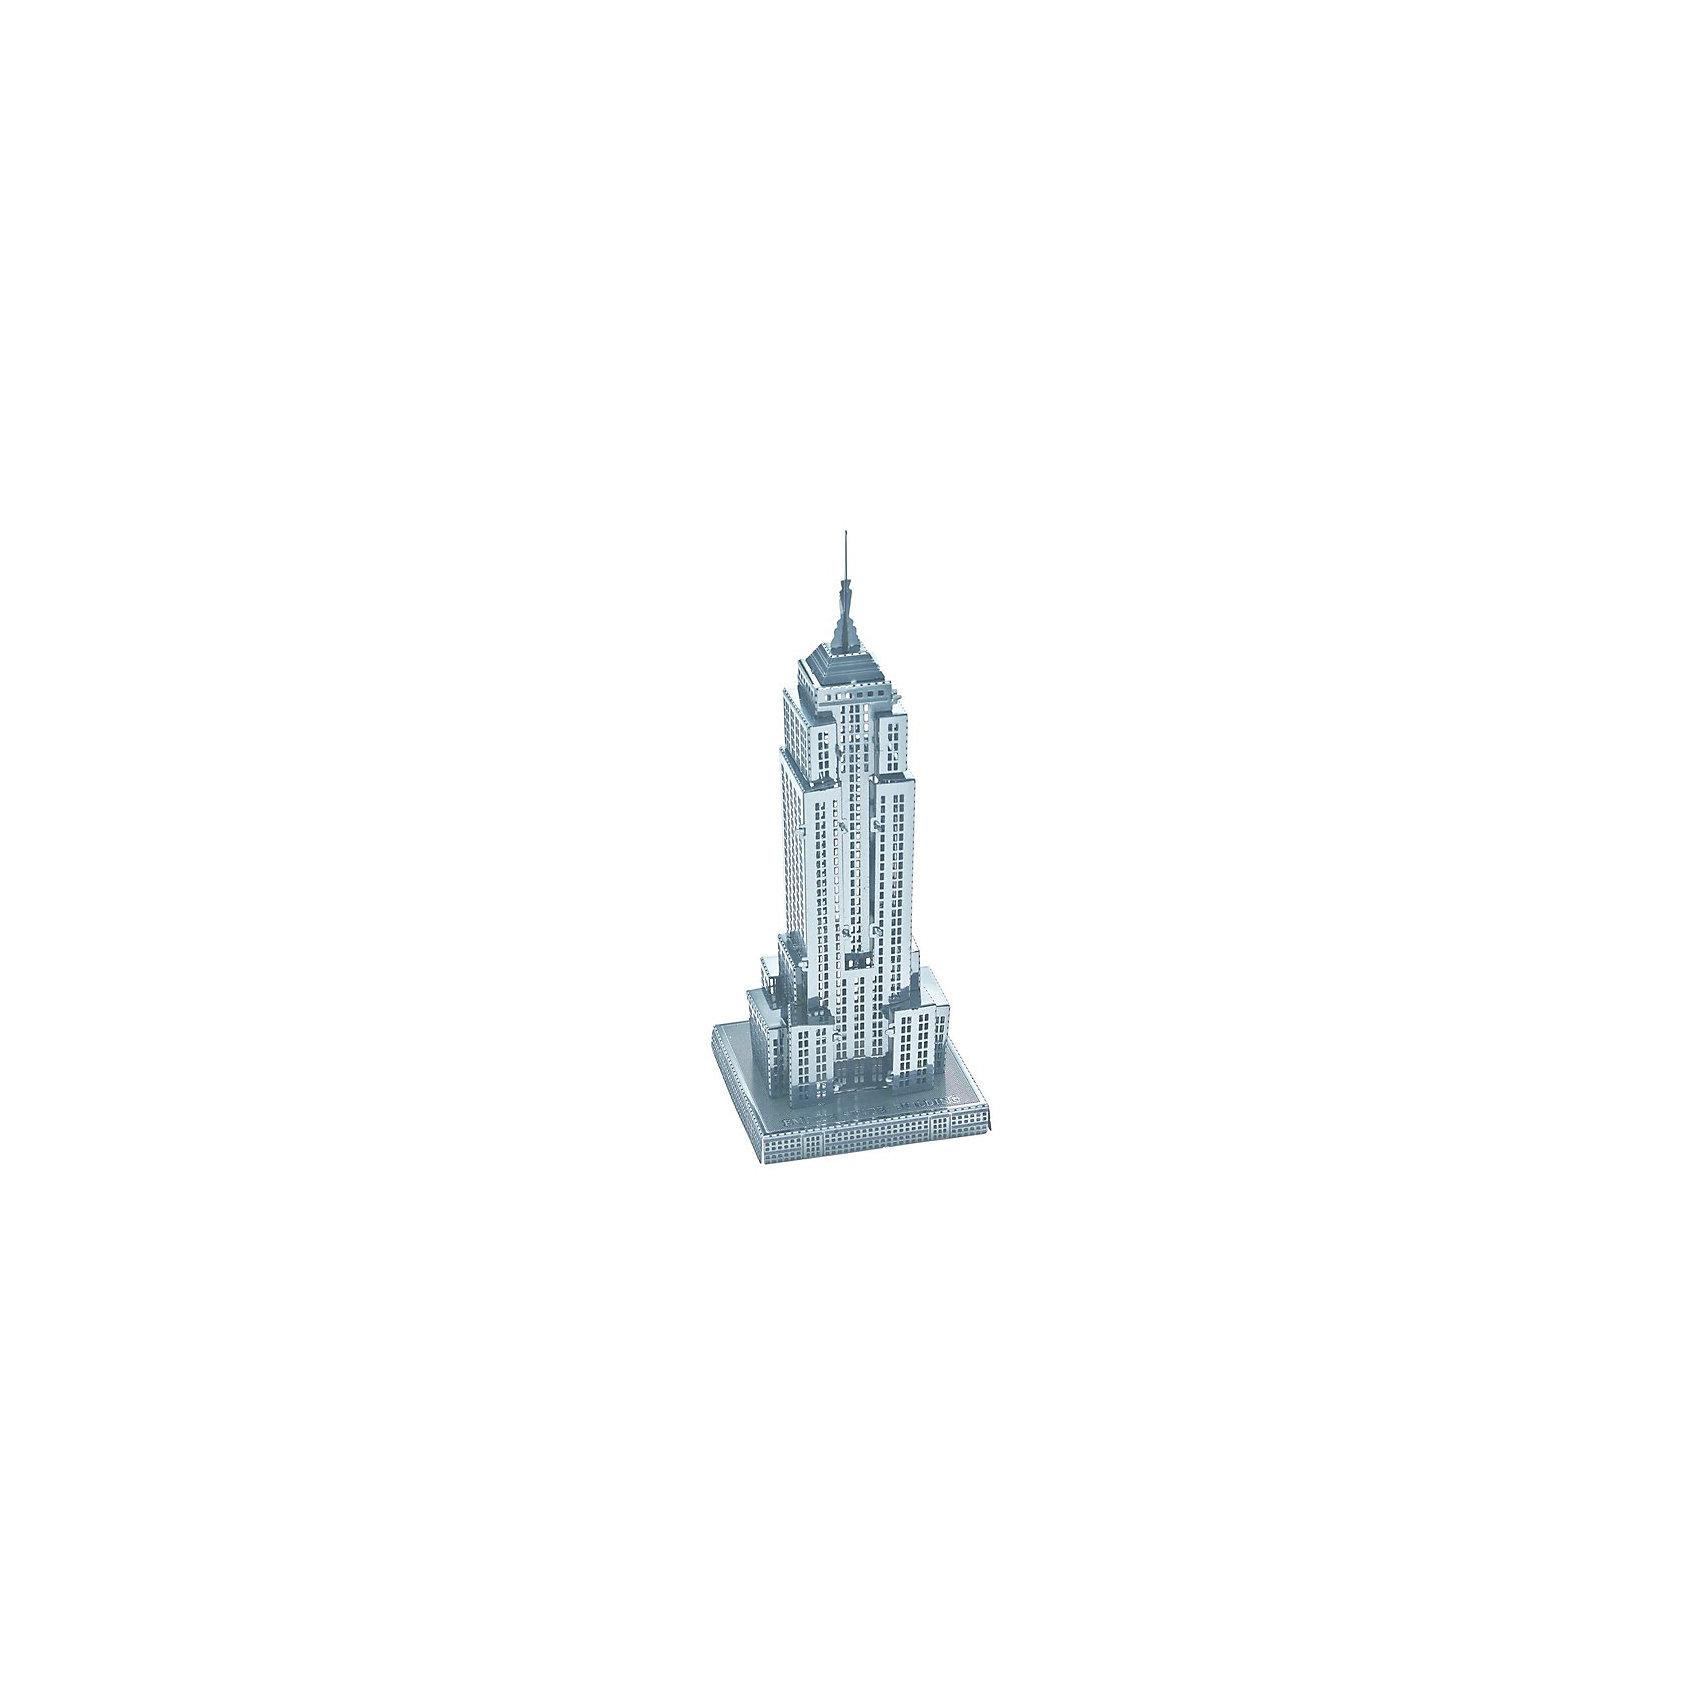 Сборная модель-3D Небоскреб Empire State Building LМеталлические конструкторы<br><br><br>Ширина мм: 17<br>Глубина мм: 12<br>Высота мм: 10<br>Вес г: 28<br>Возраст от месяцев: 144<br>Возраст до месяцев: 2147483647<br>Пол: Унисекс<br>Возраст: Детский<br>SKU: 5362970